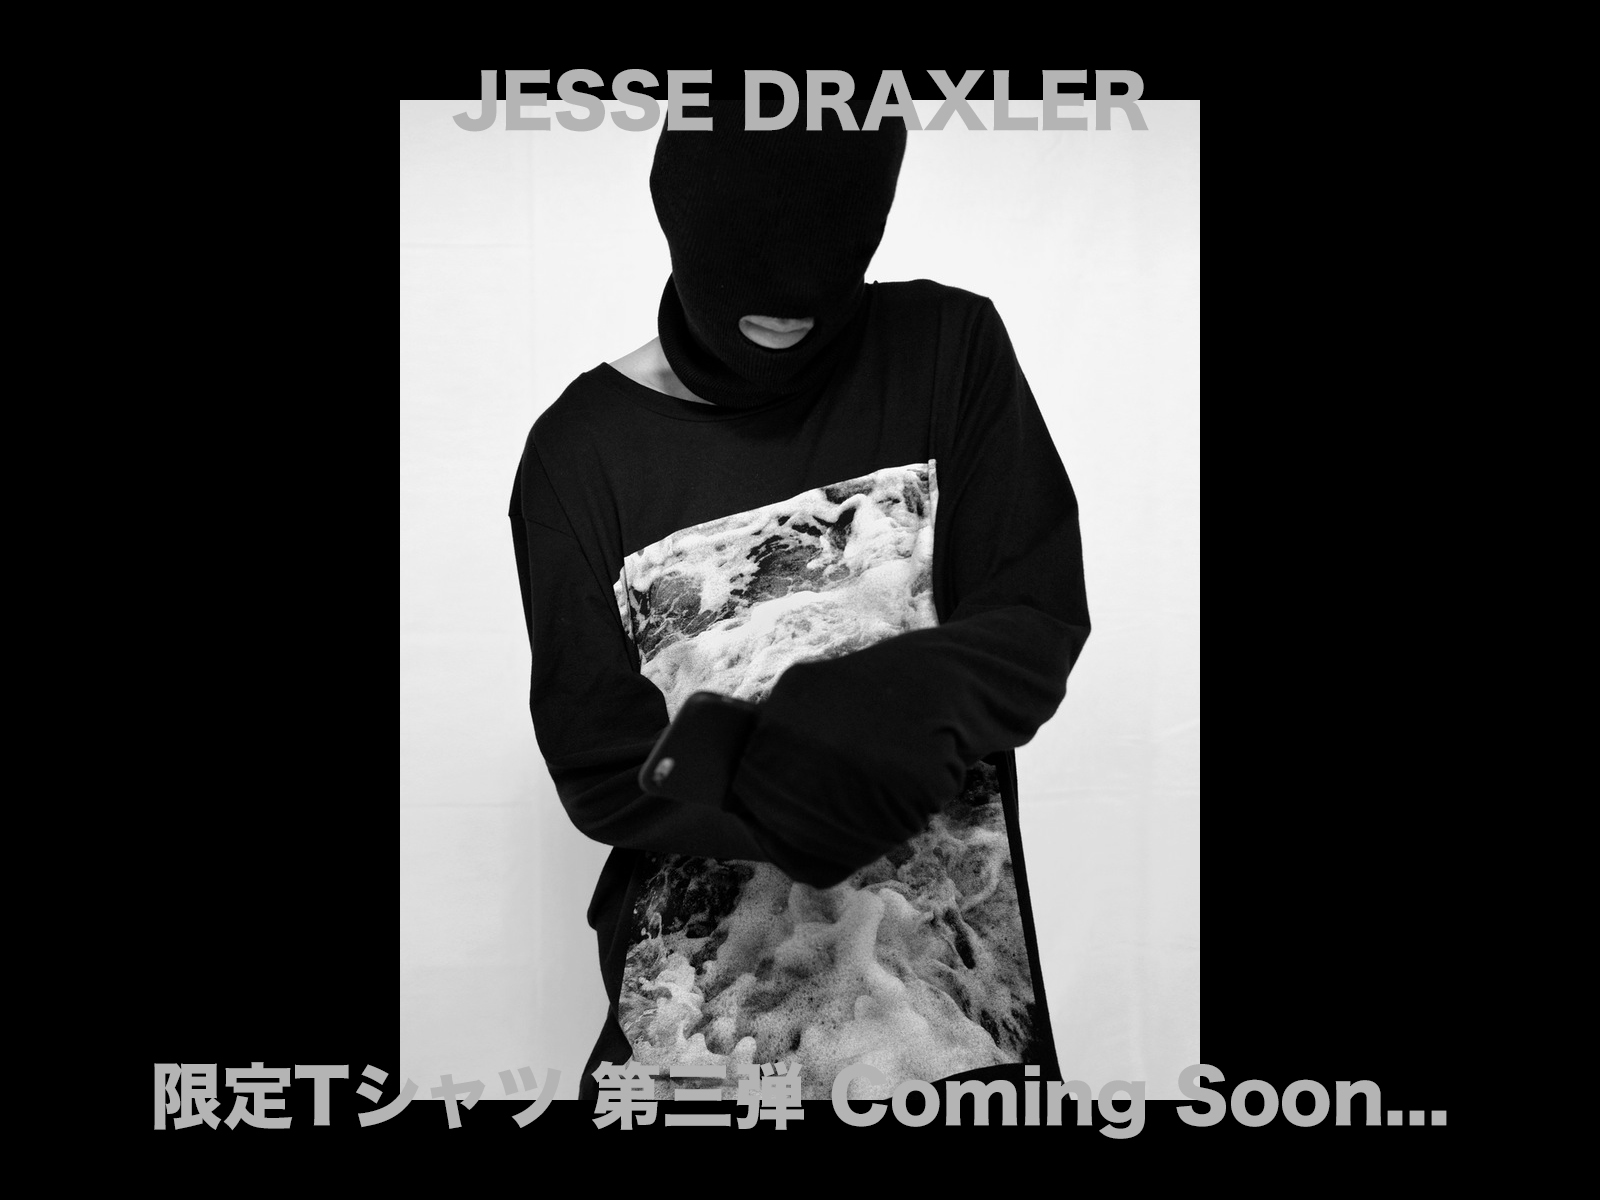 JESSE DRAXLER 限定Tシャツ 第三弾 ローンチ情報